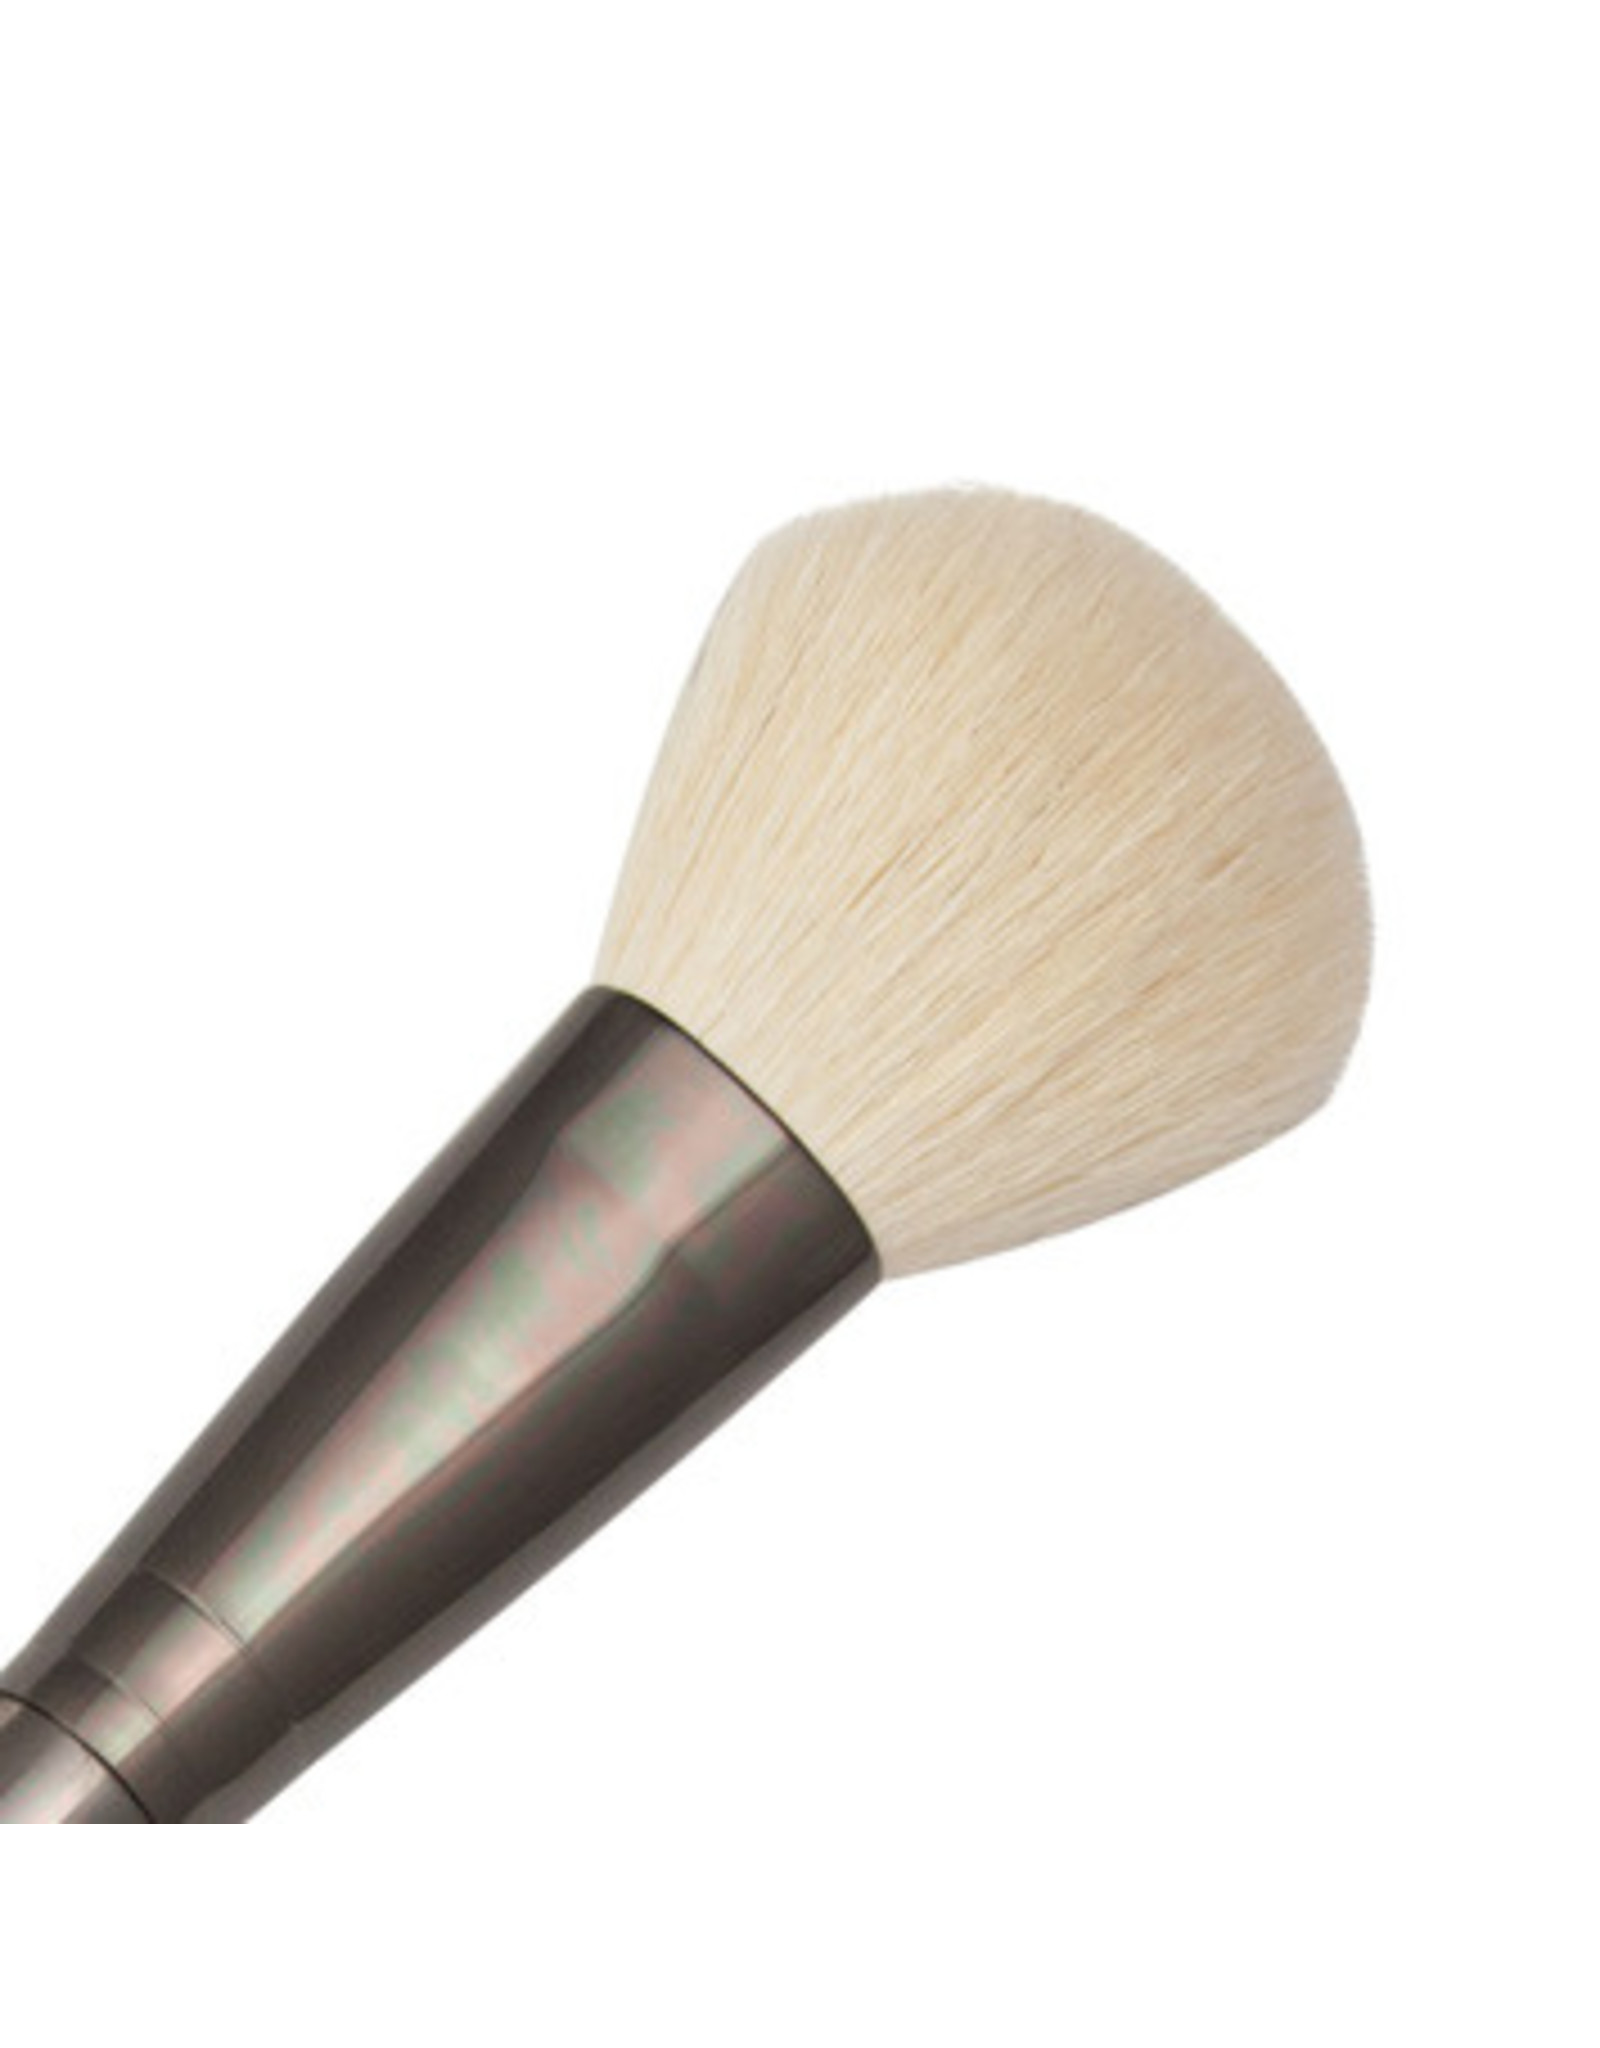 Royal & Langnickel Zen 83 Series White Goat Mop 25mm brush